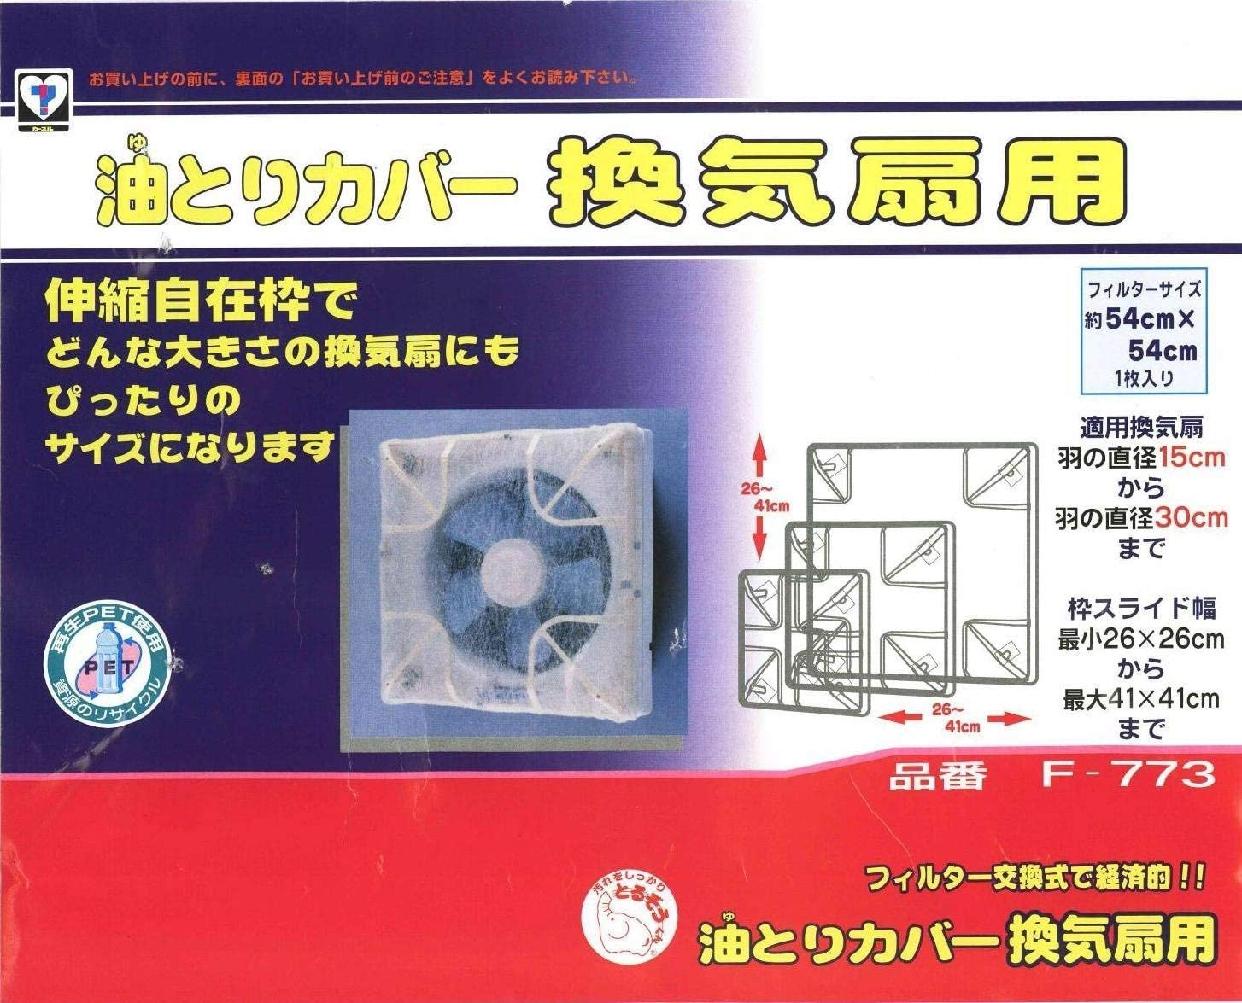 新北九州工業(シンキタキュウシュウコウギョウ)油とりカバー 換気扇用 1枚入 F-773の商品画像6